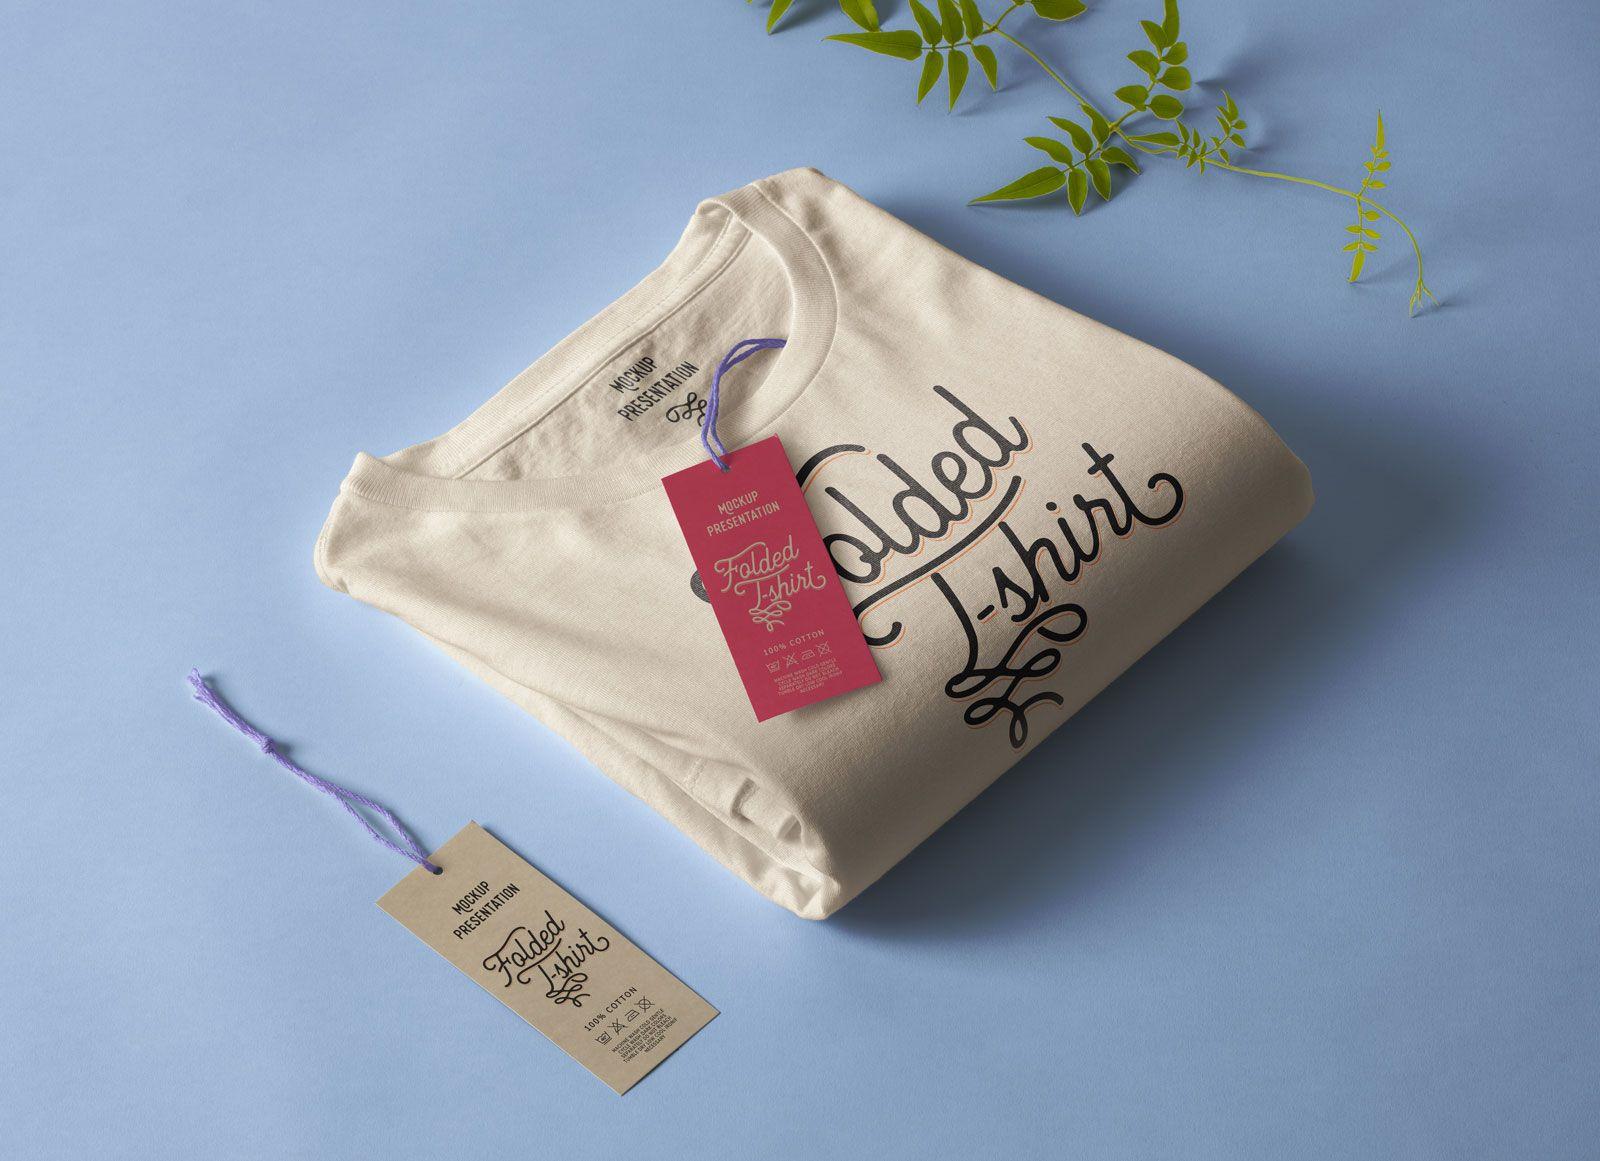 Free Folded T Shirt With Hang Tag Mockup Psd Hang Tags Fold Mockup